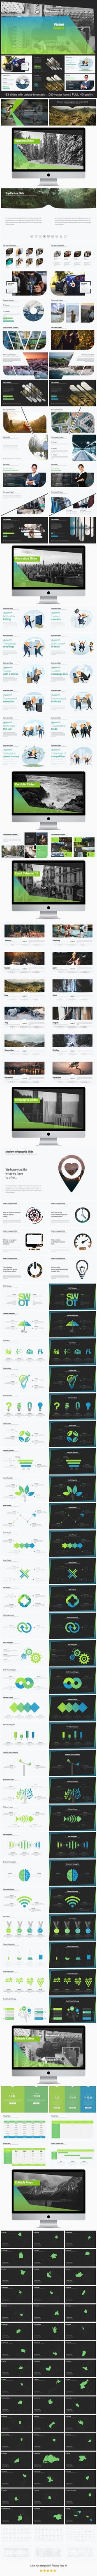 Business Vision - Google Slides Presentation Templates